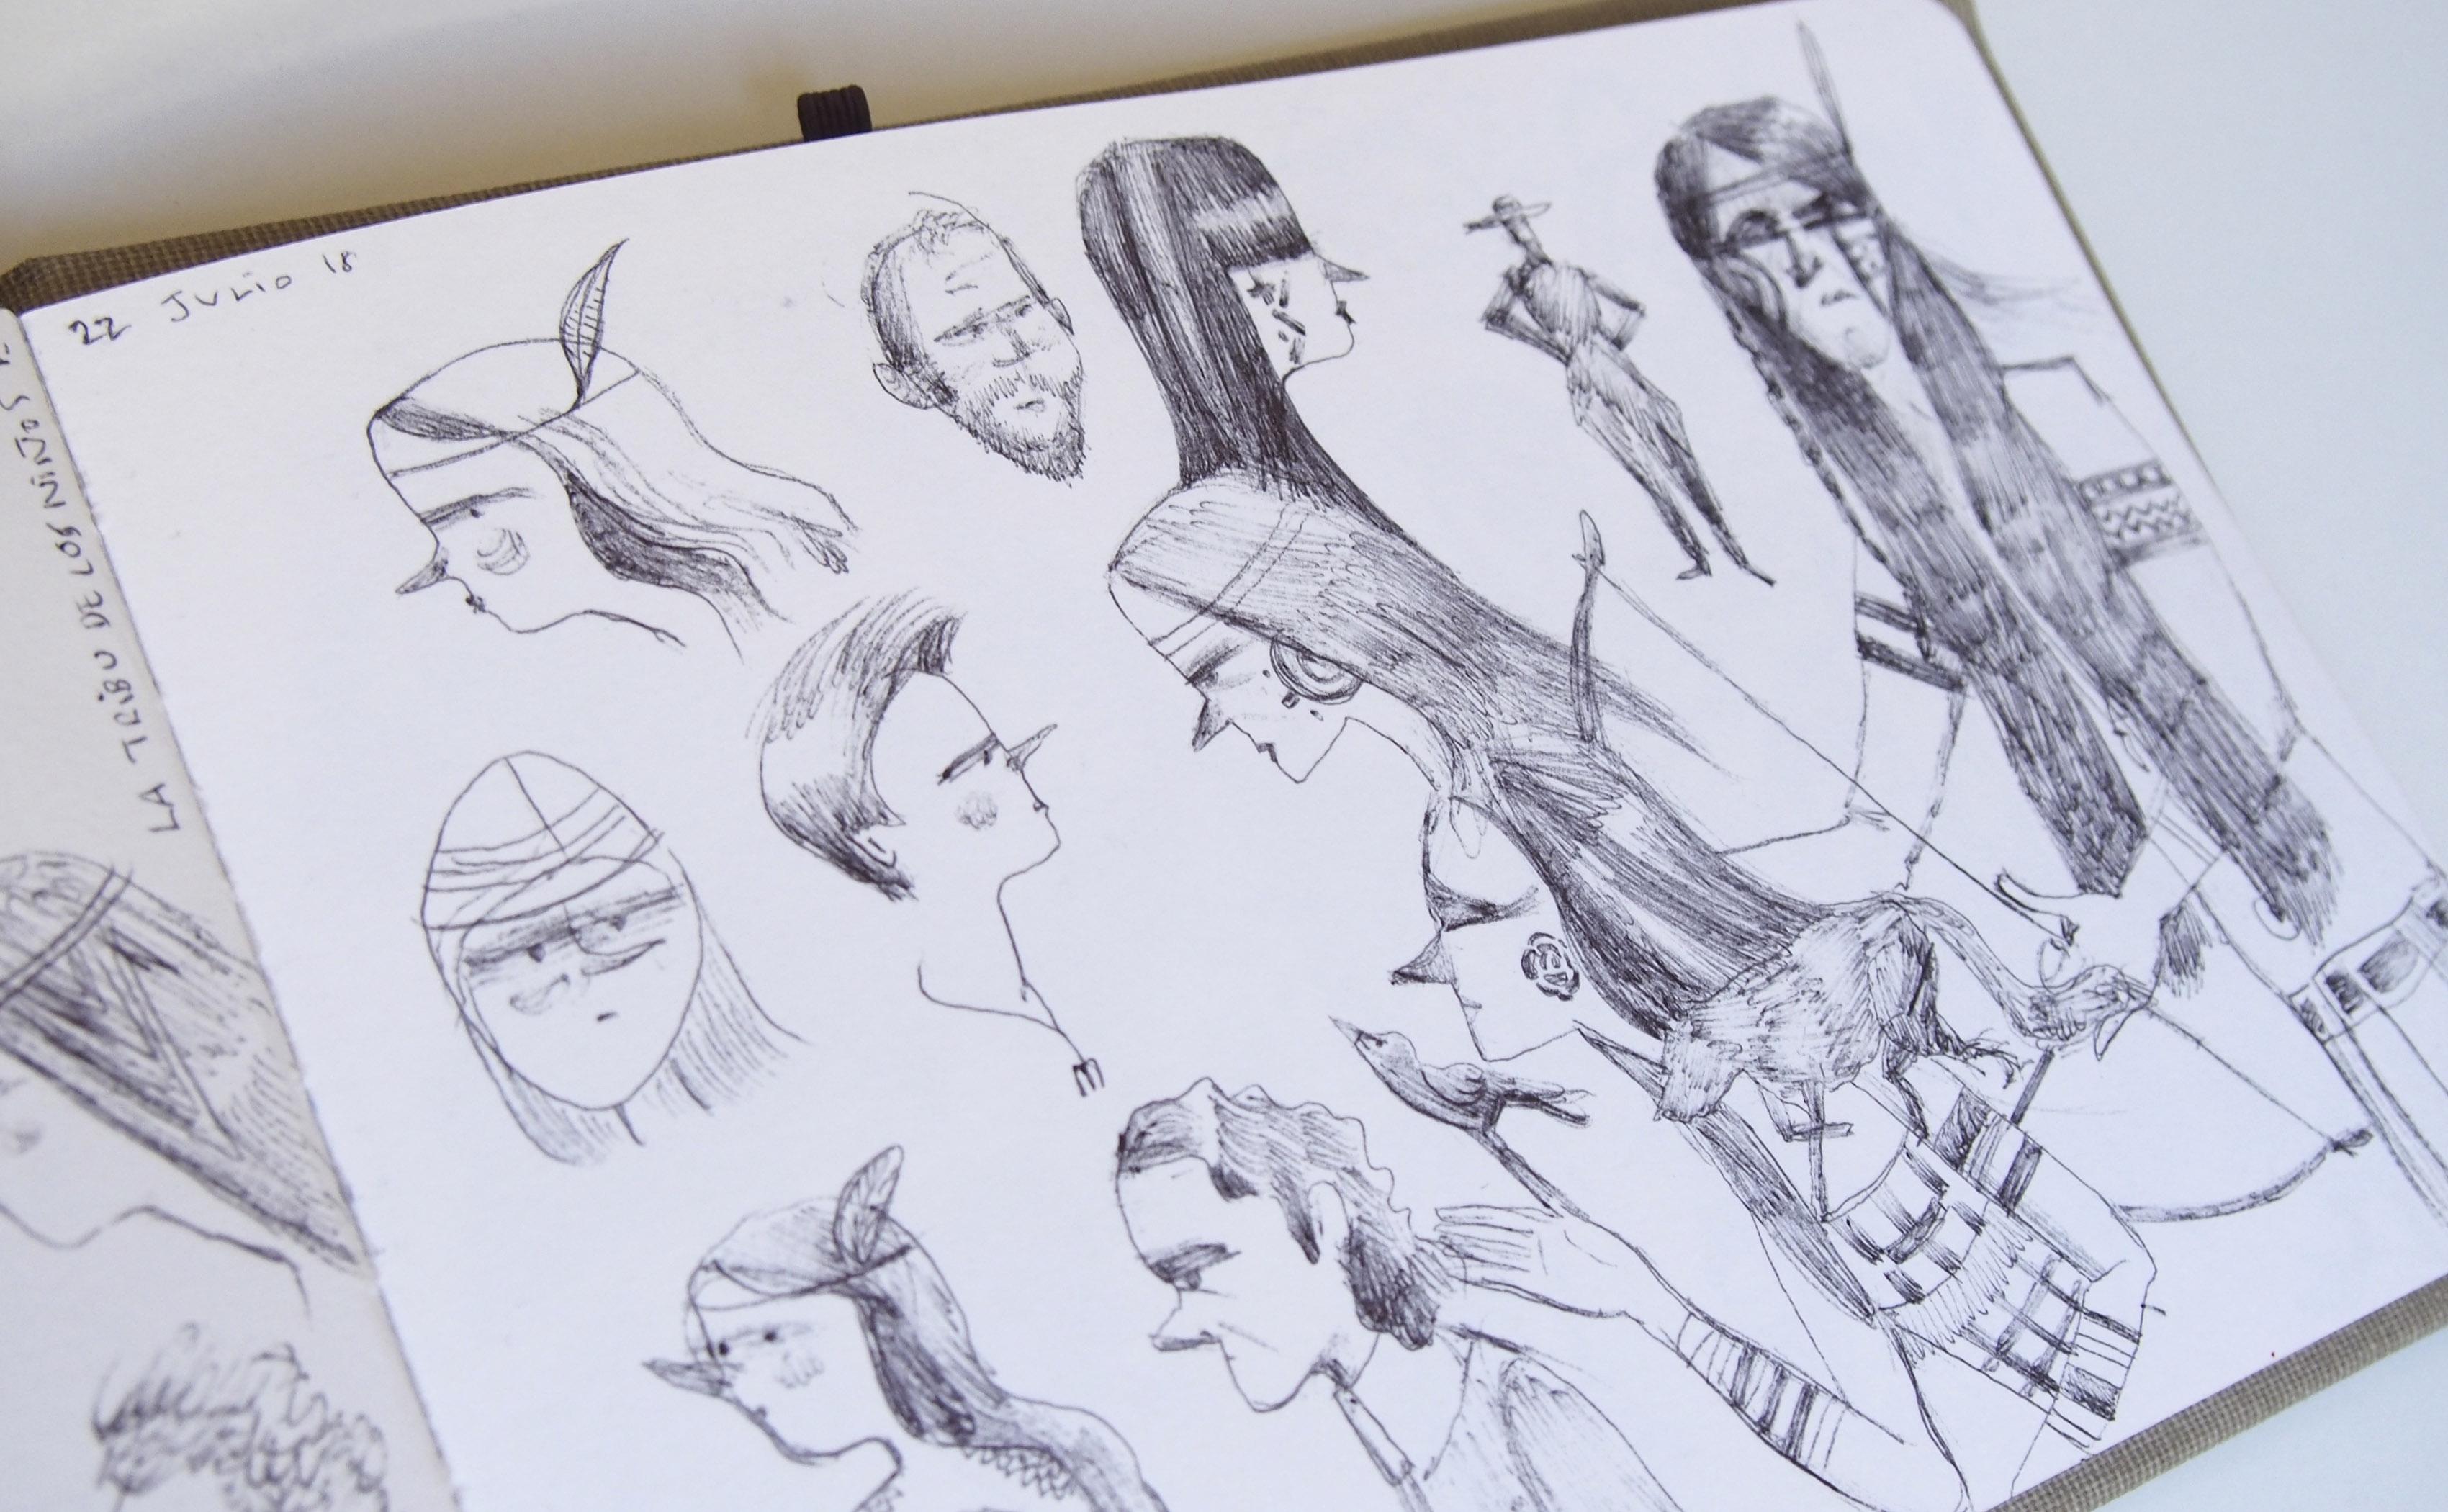 Detalle de las ilustraciones y bocetos de mis cuadernos.